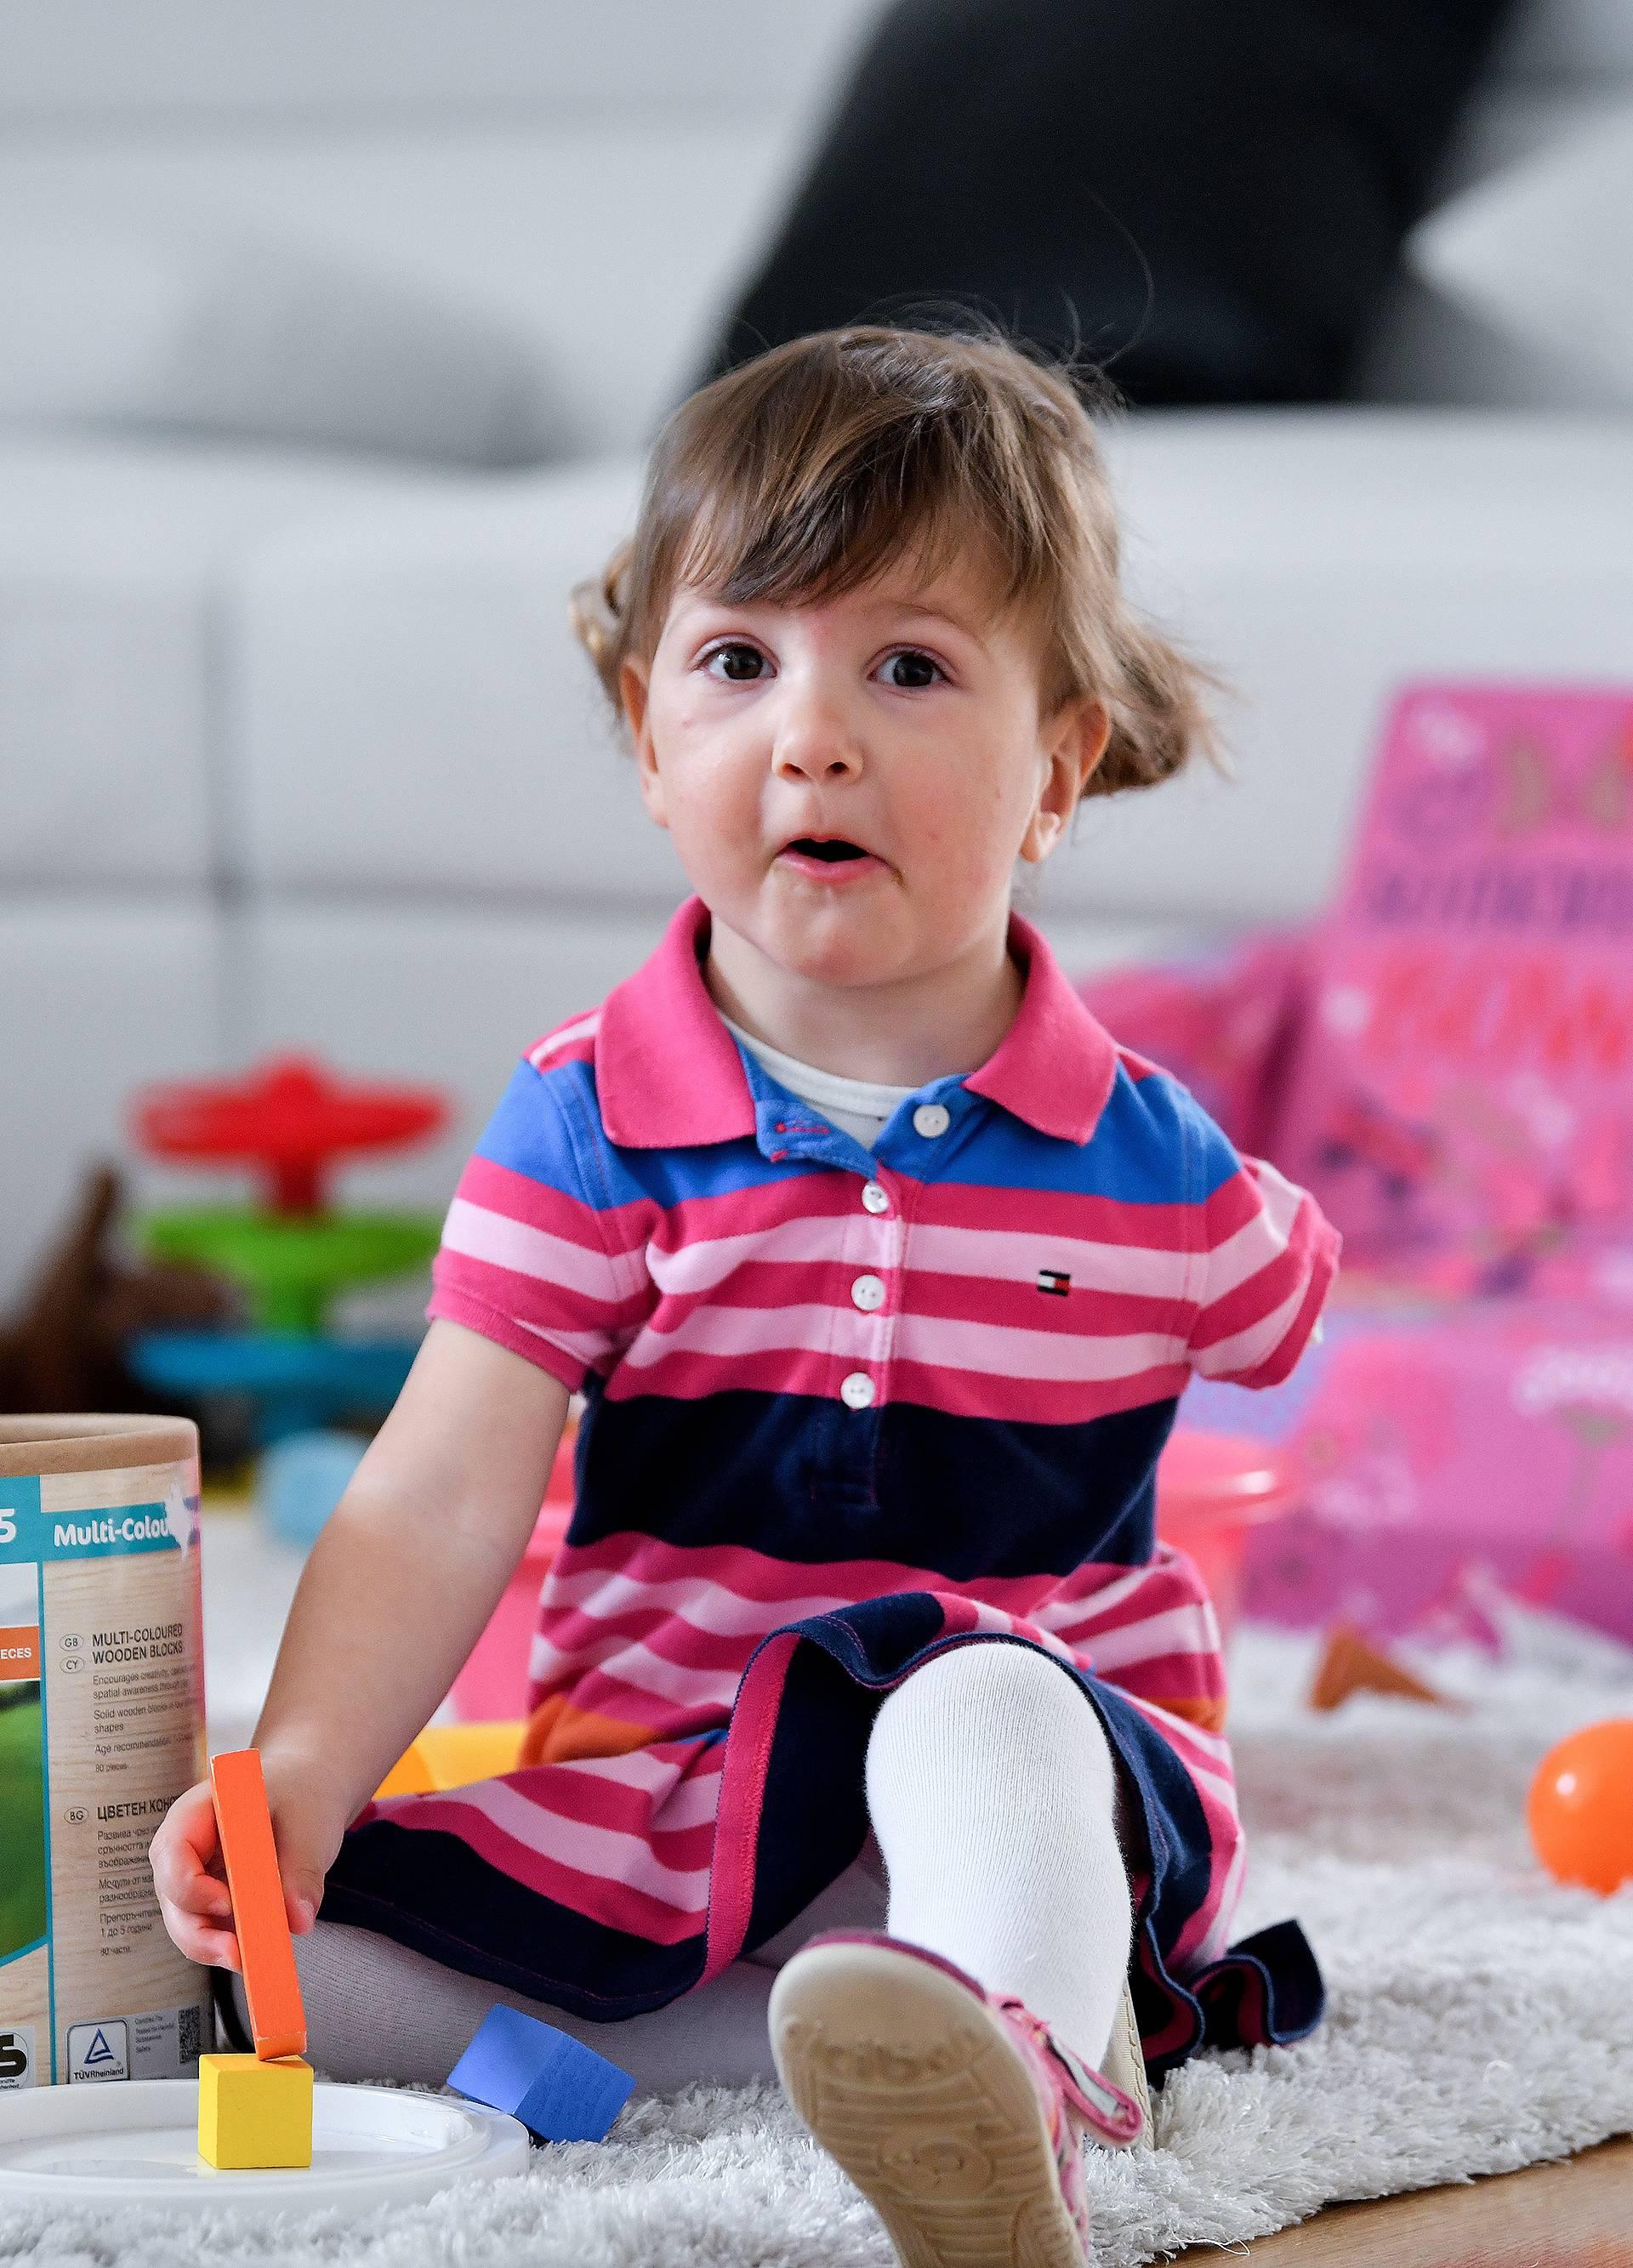 Lara (1,5) je rođena bez ruke, ali mora dokazati da je invalid